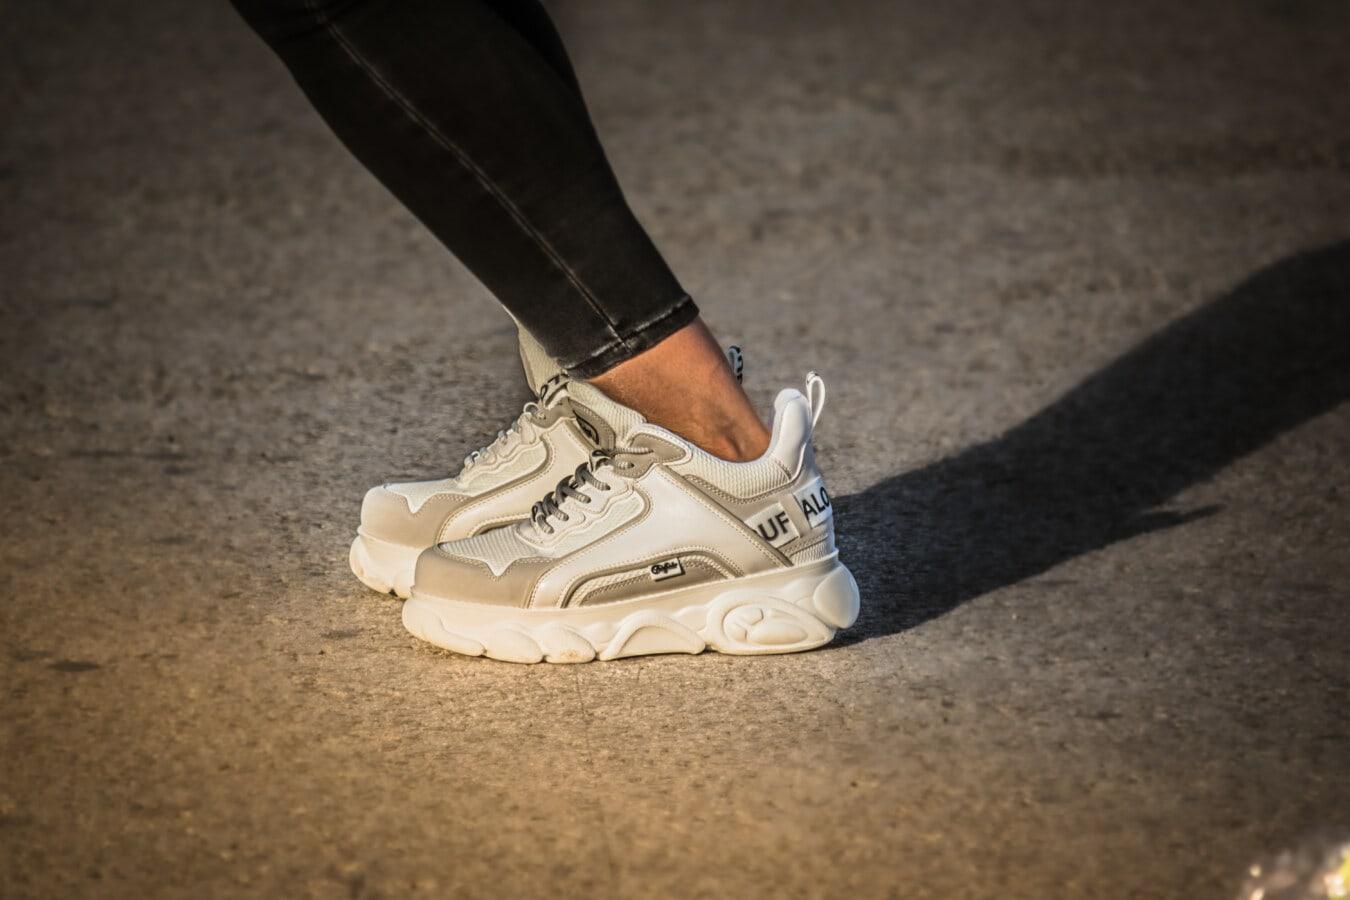 faire du jogging, caoutchouc, remise en forme, blanc, chaussures de sport, pieds nus, noir, Jeans, Jeans/Pantalons, vêtements